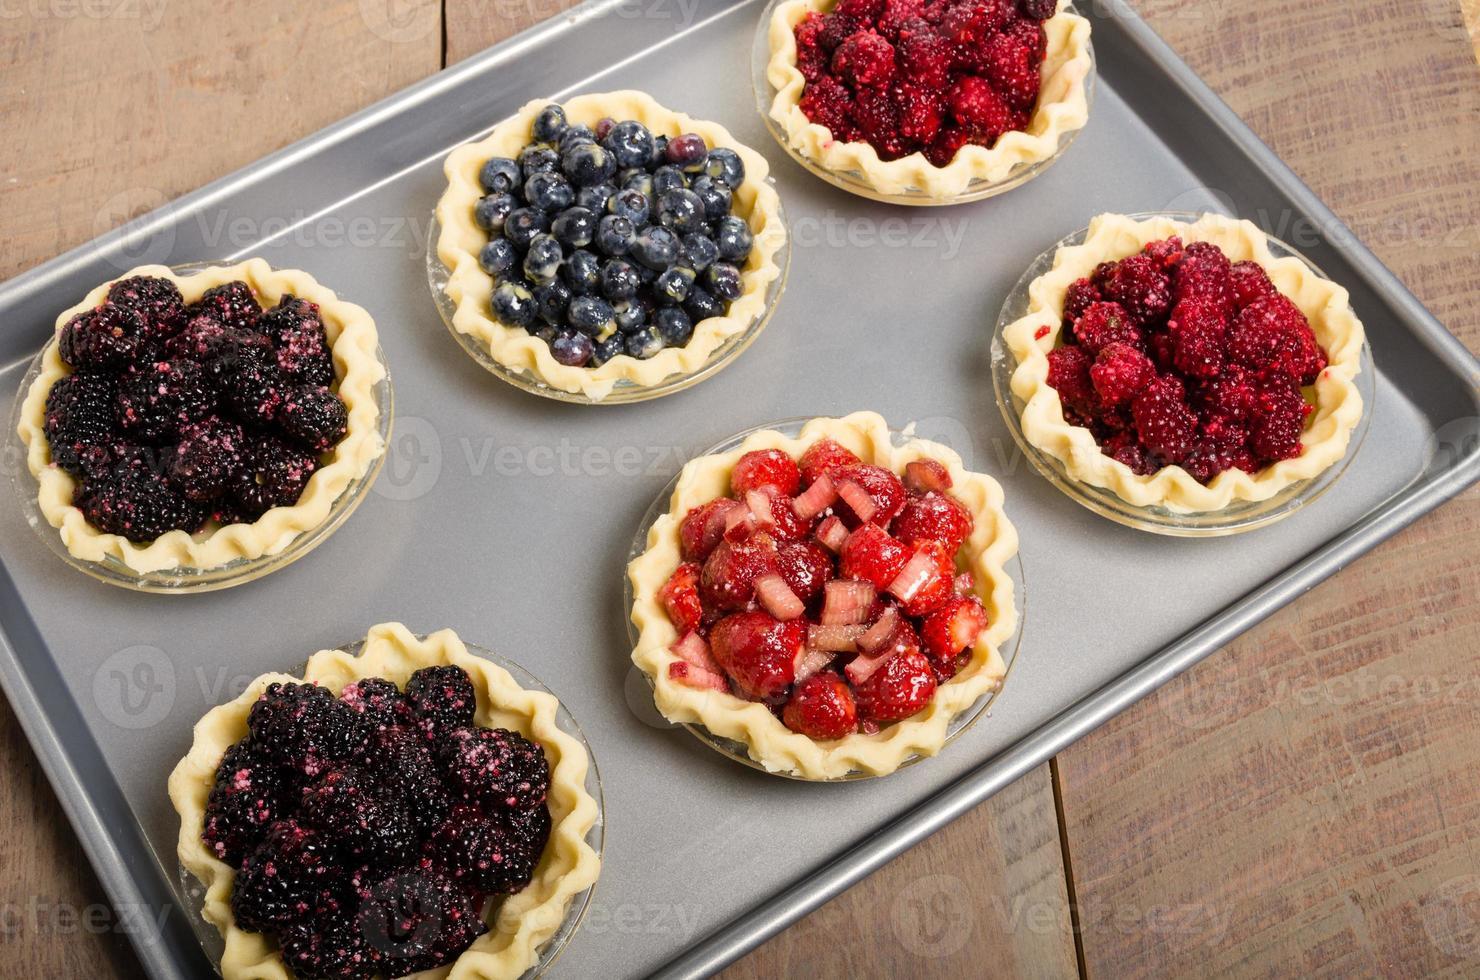 cuocere torte fatte in casa con frutta fresca foto